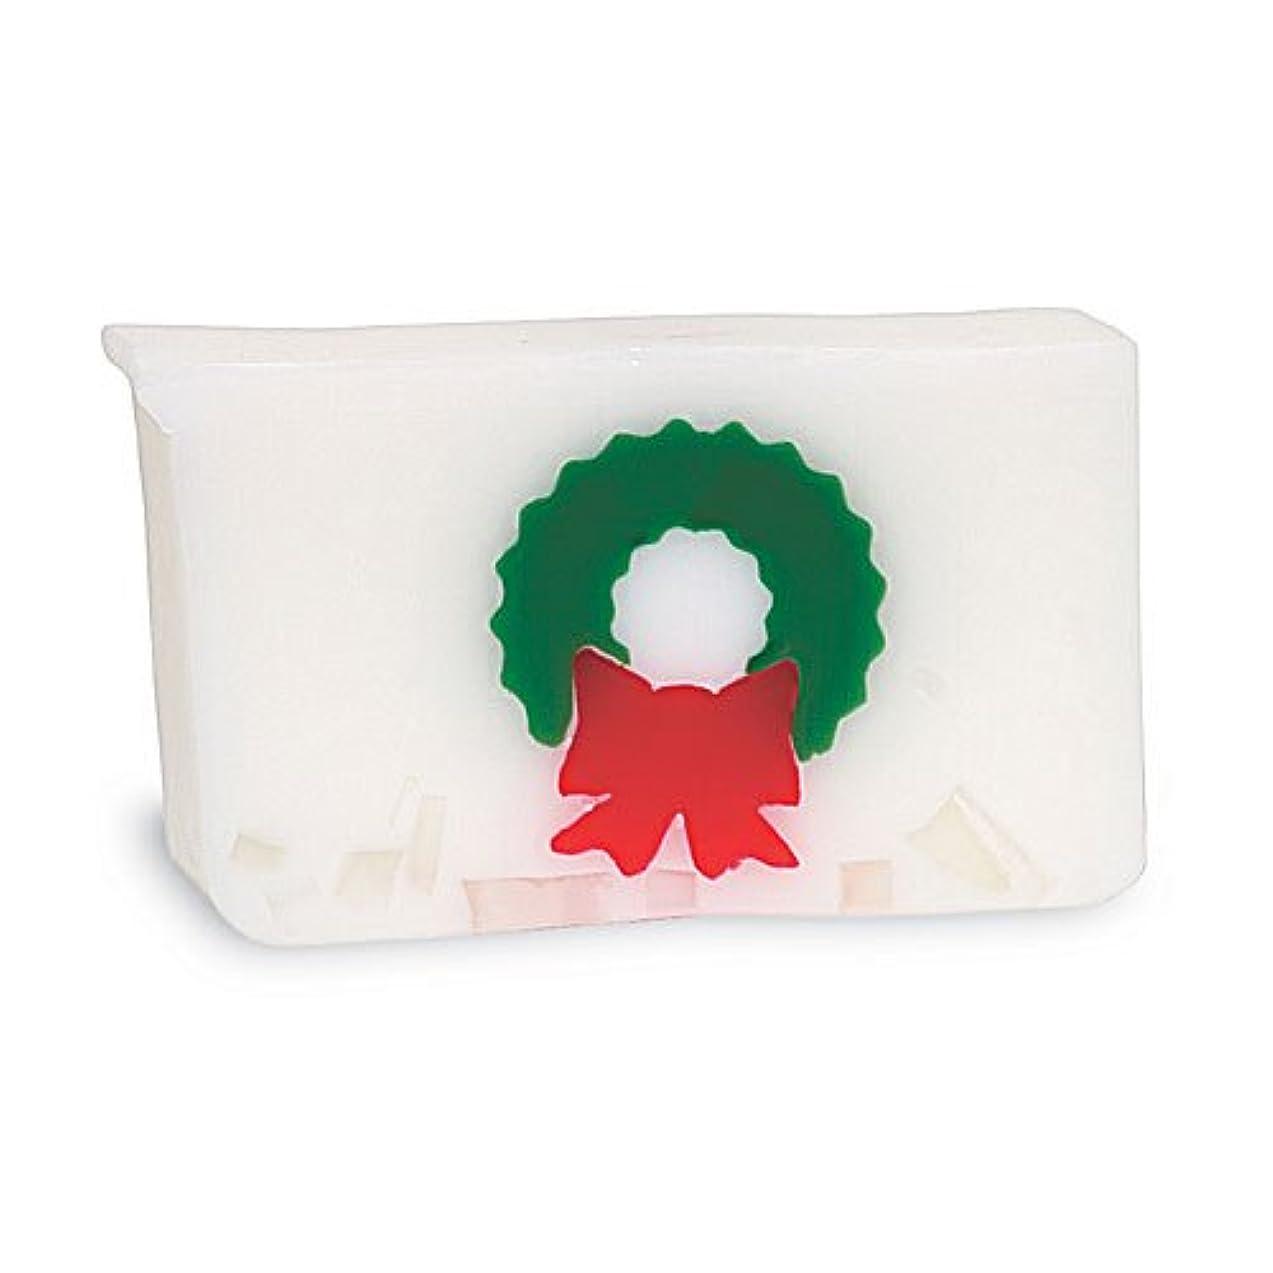 告白する比較的着替えるプライモールエレメンツ アロマティック ソープ クリスマスリース 180g 植物性 ナチュラル 石鹸 無添加